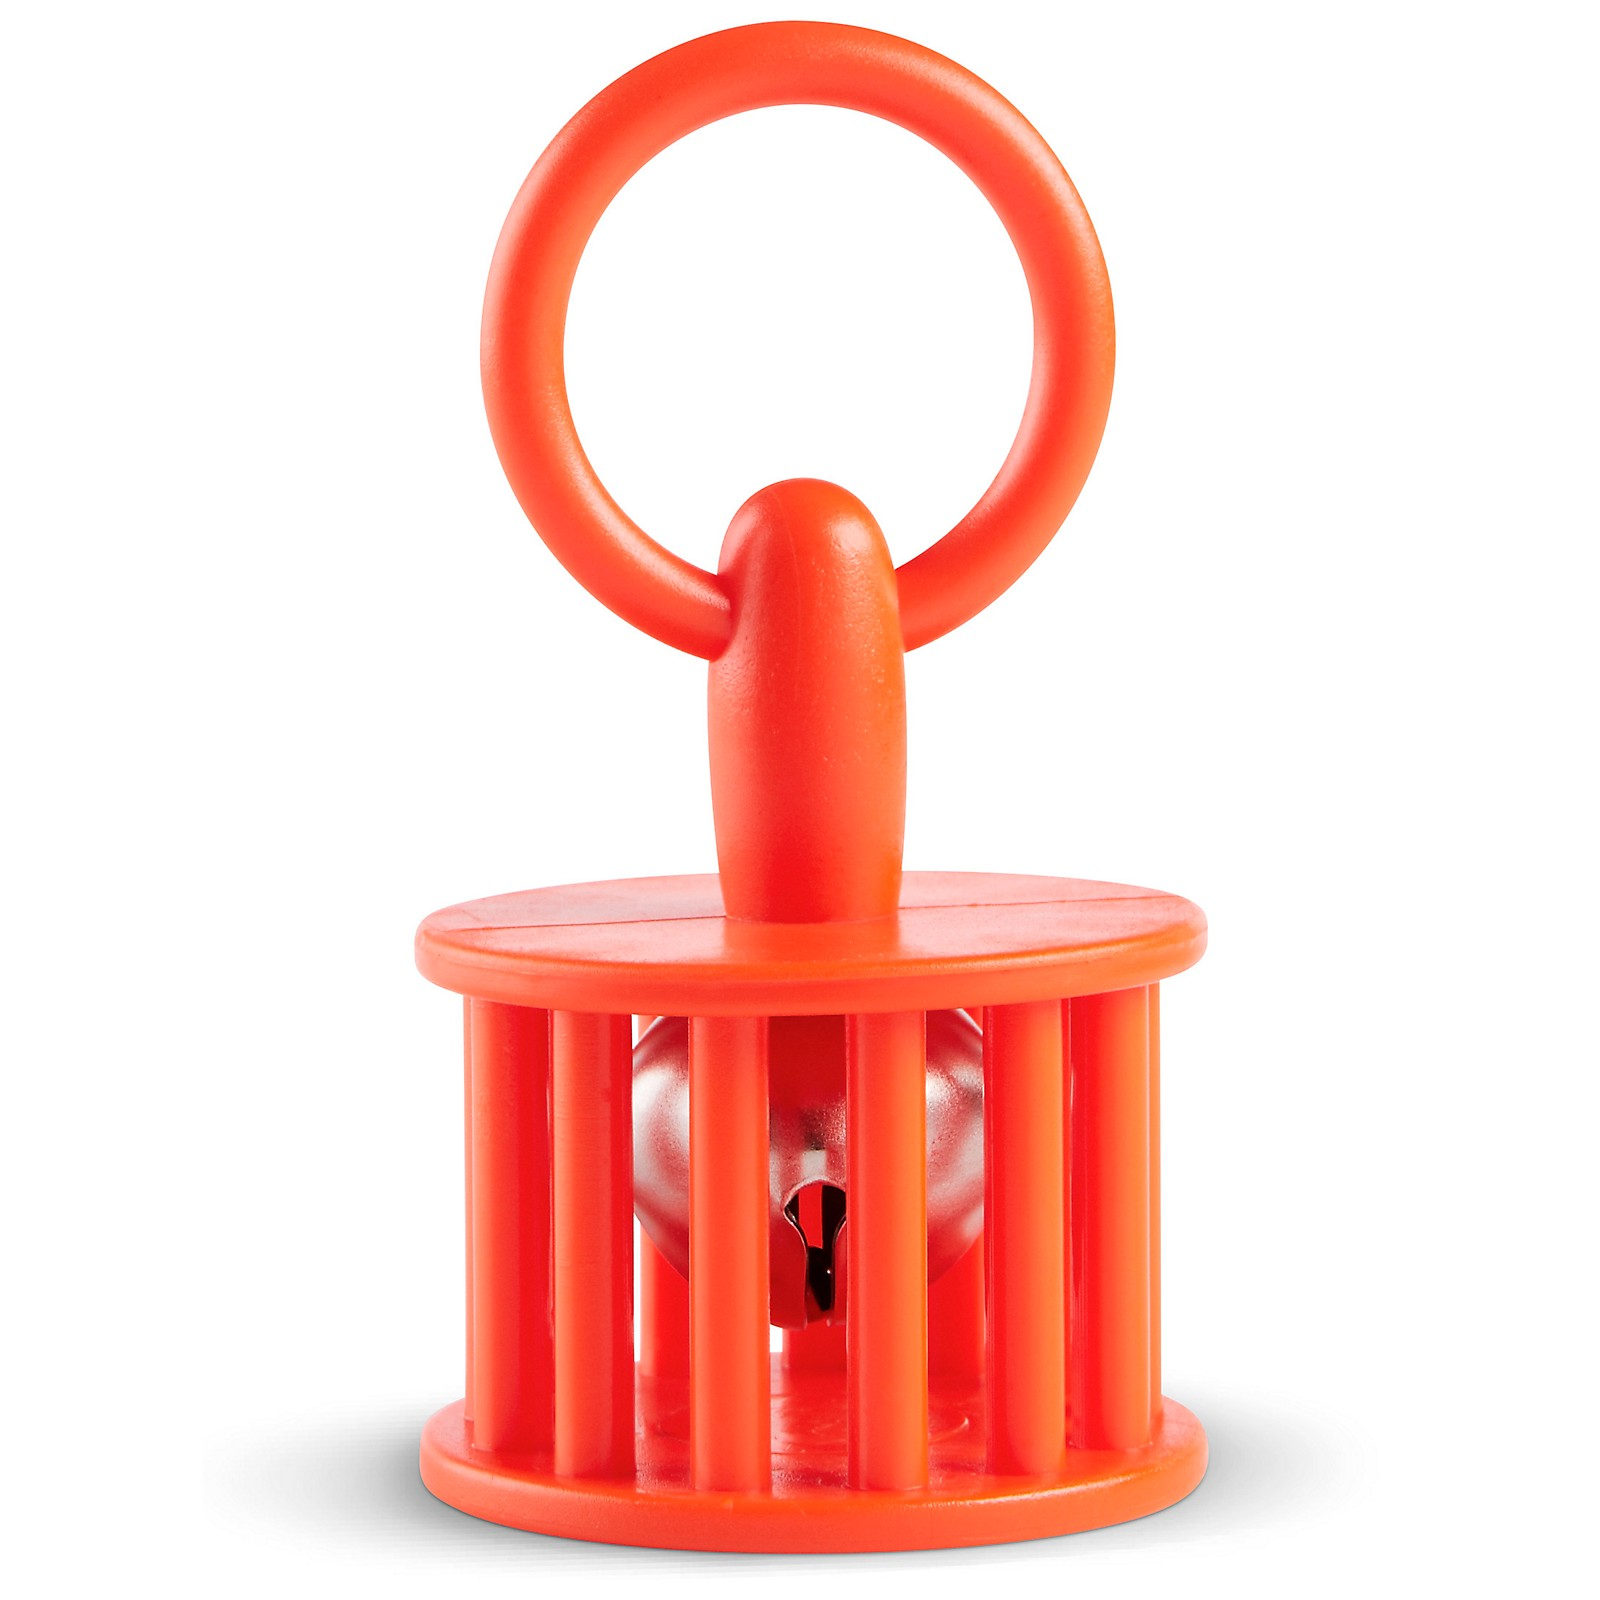 Remo Lynn Kleiner Baby Bell Stick